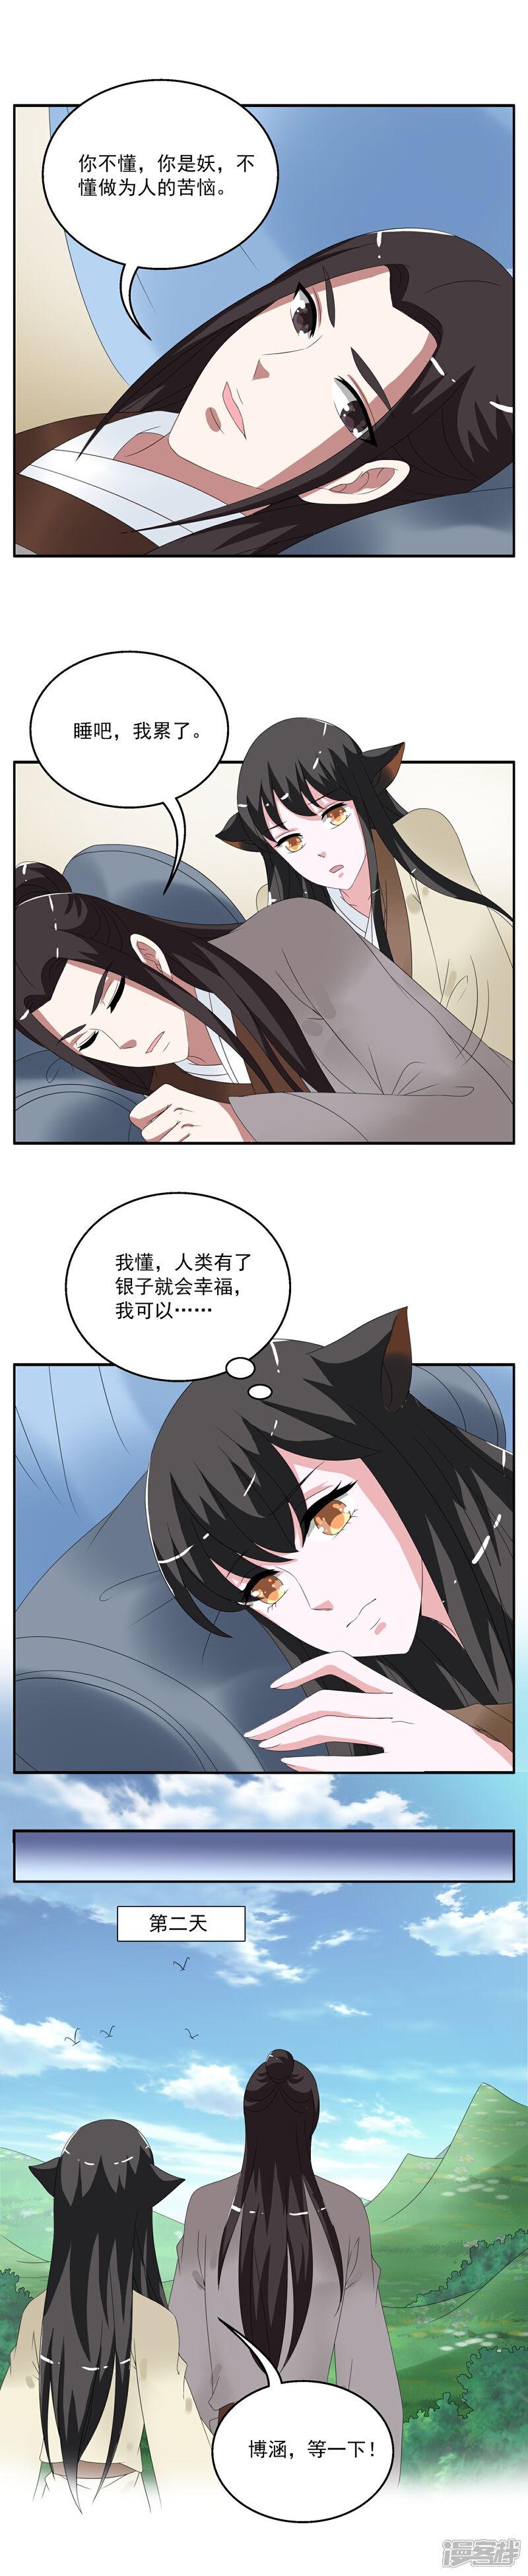 洛小妖159 (4).JPG